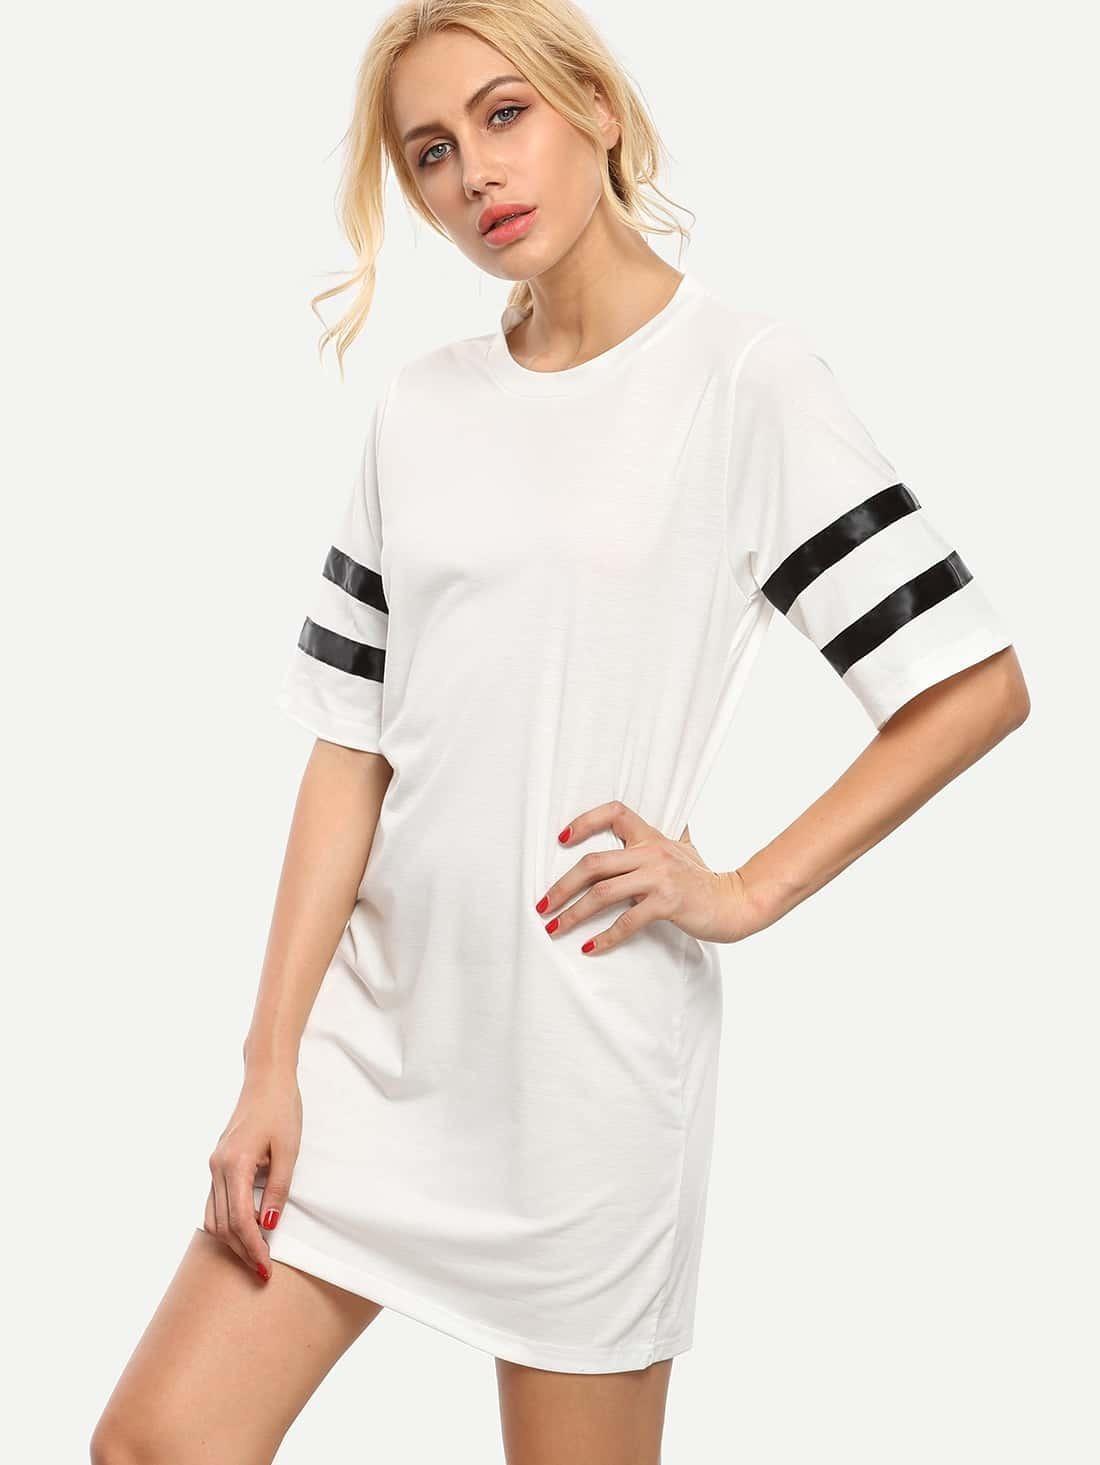 Short sleeve dress shirt fashion 55